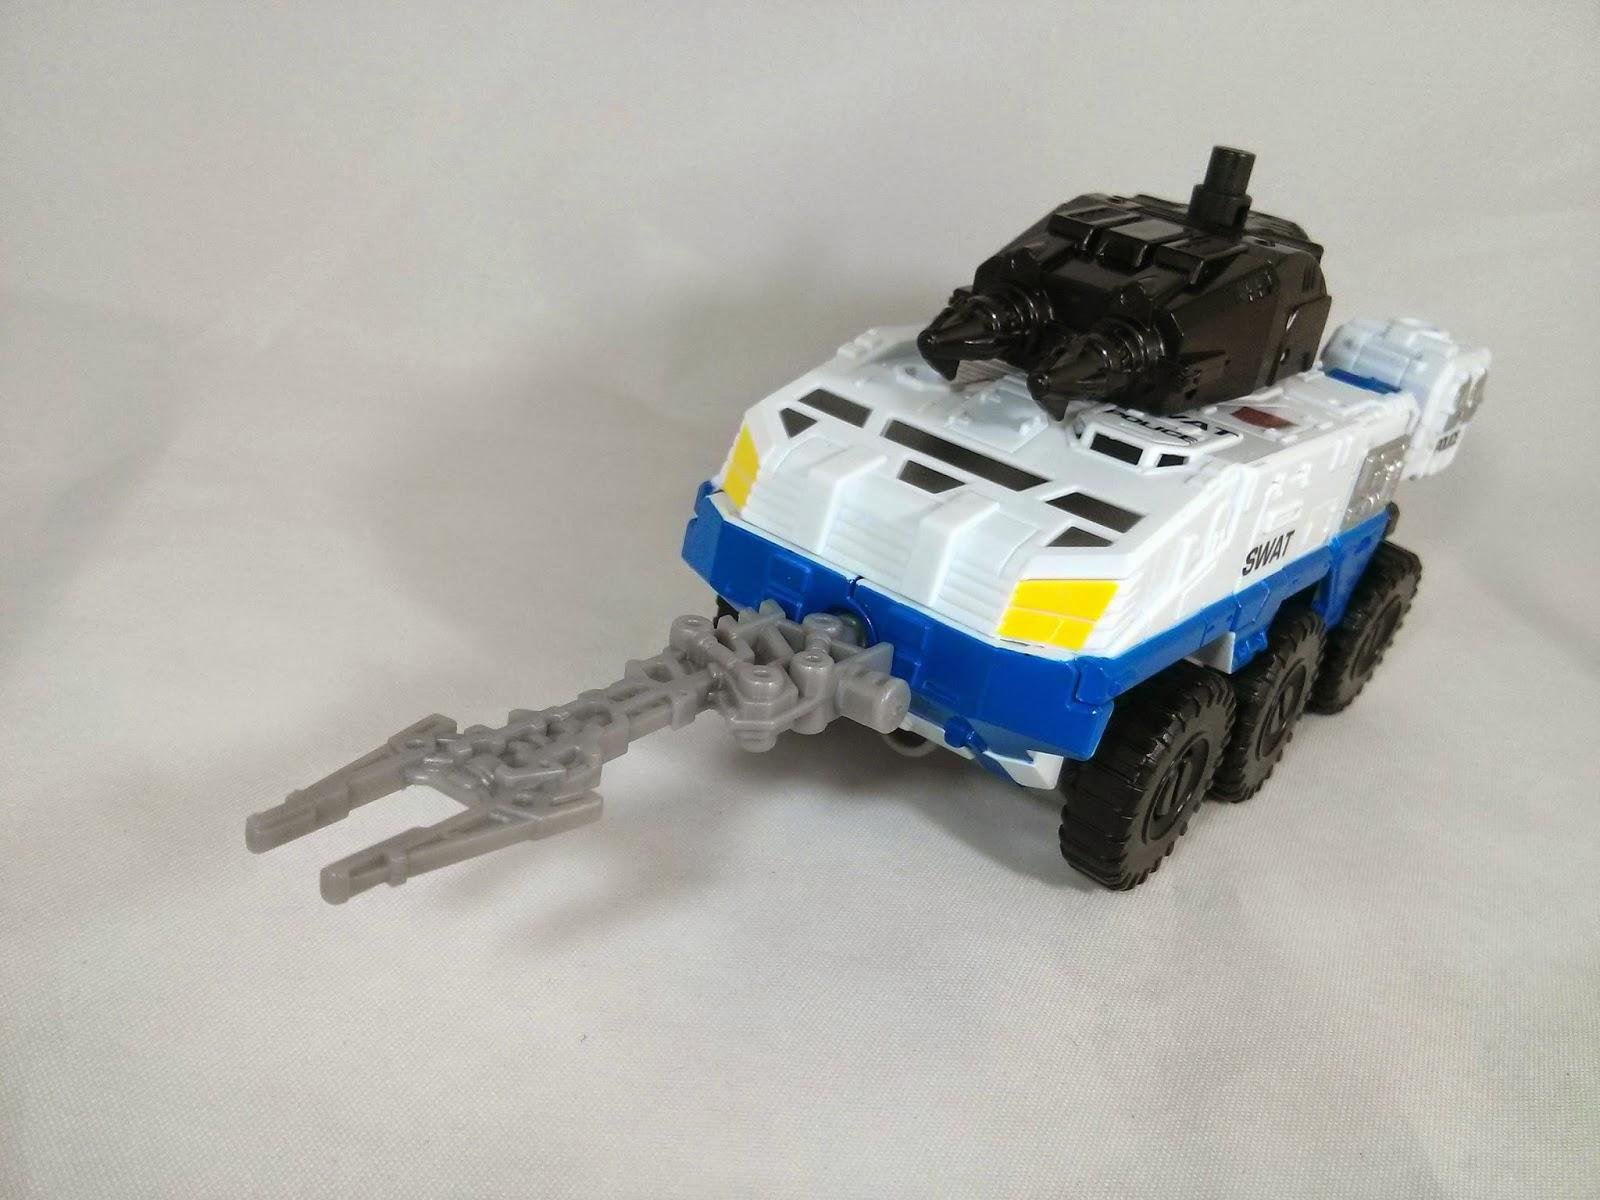 combiner wars rook weapon